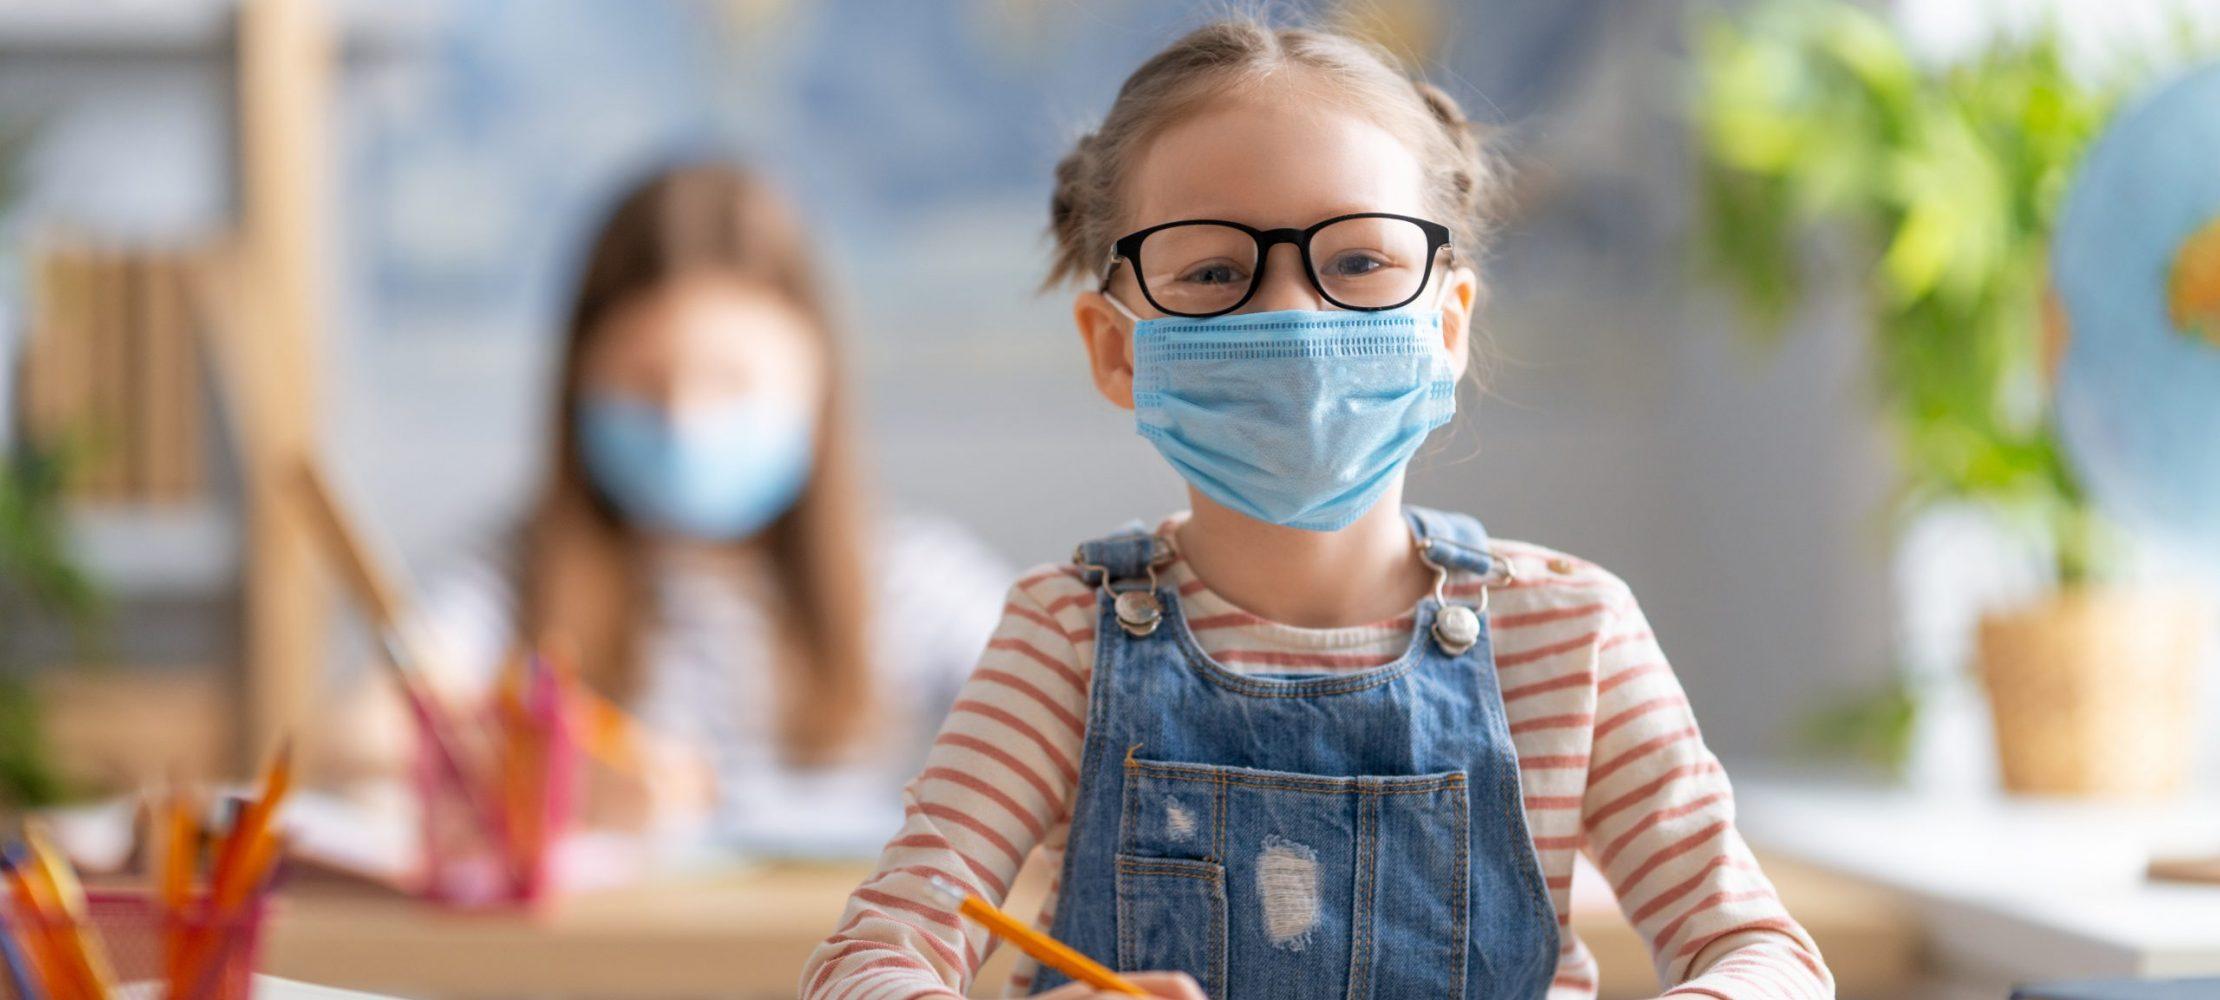 یاد بگیرید ، آزمایش کنید ، واکسیناسیون کنید